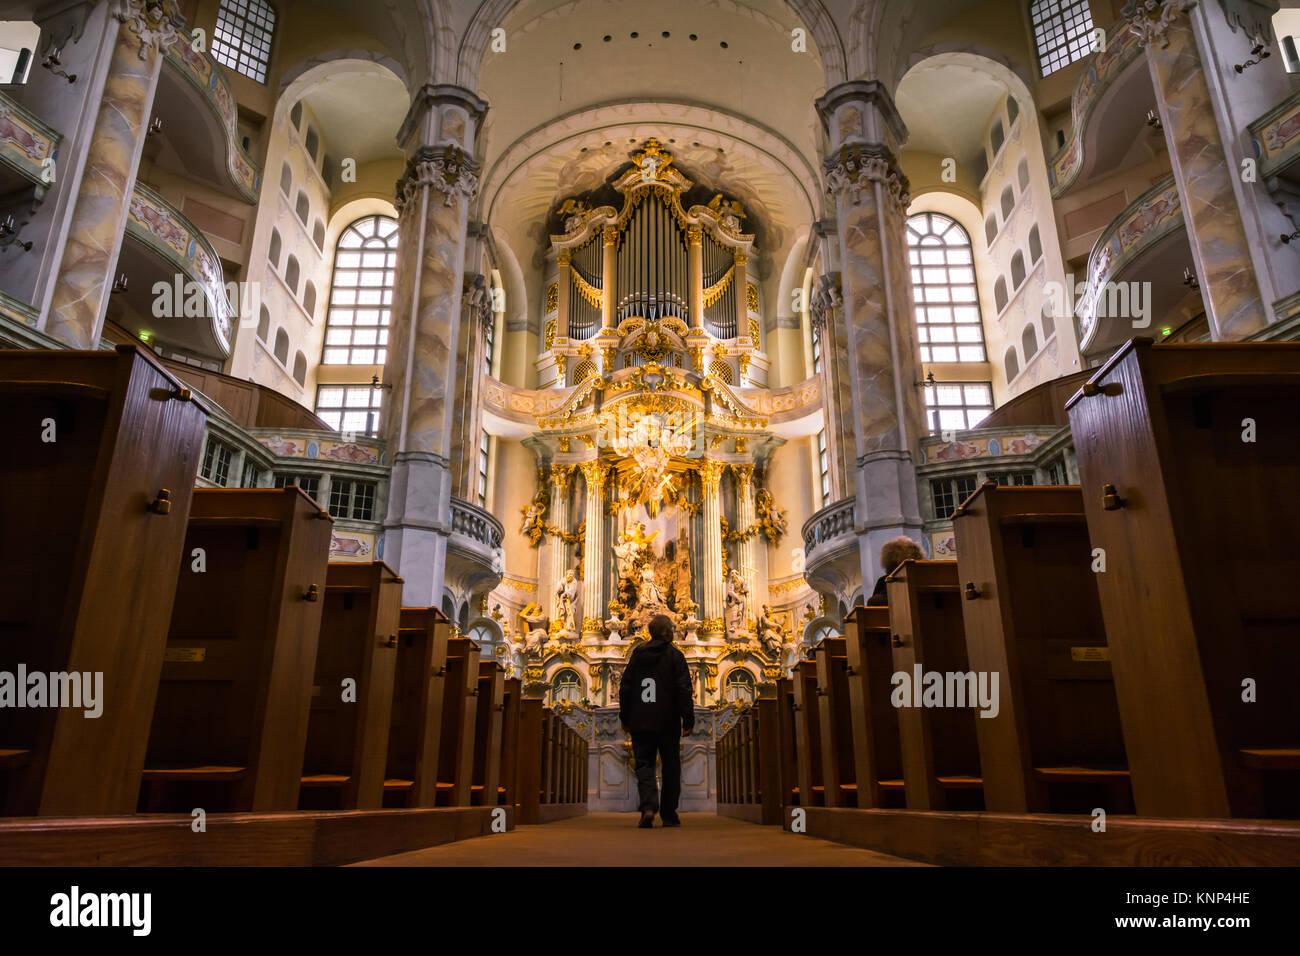 La Frauenkirche di Dresda Architettura interni ornati religione decorazione altare Area di culto Immagini Stock